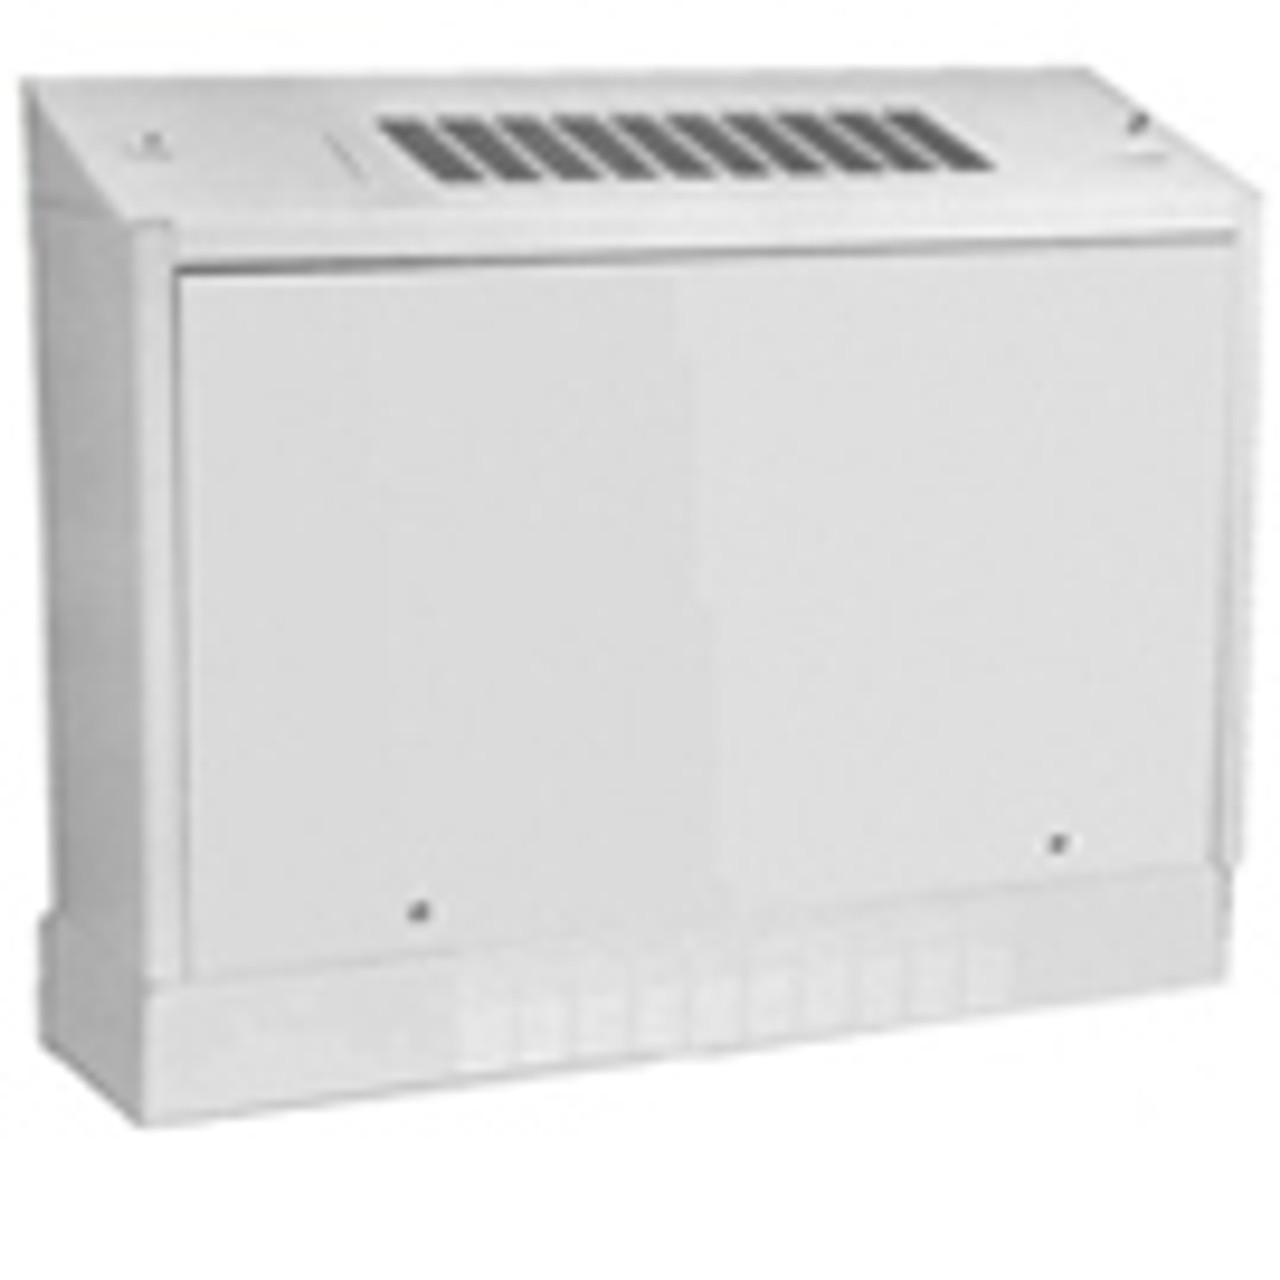 Beacon Morris Cabinet Unit Heater Parts